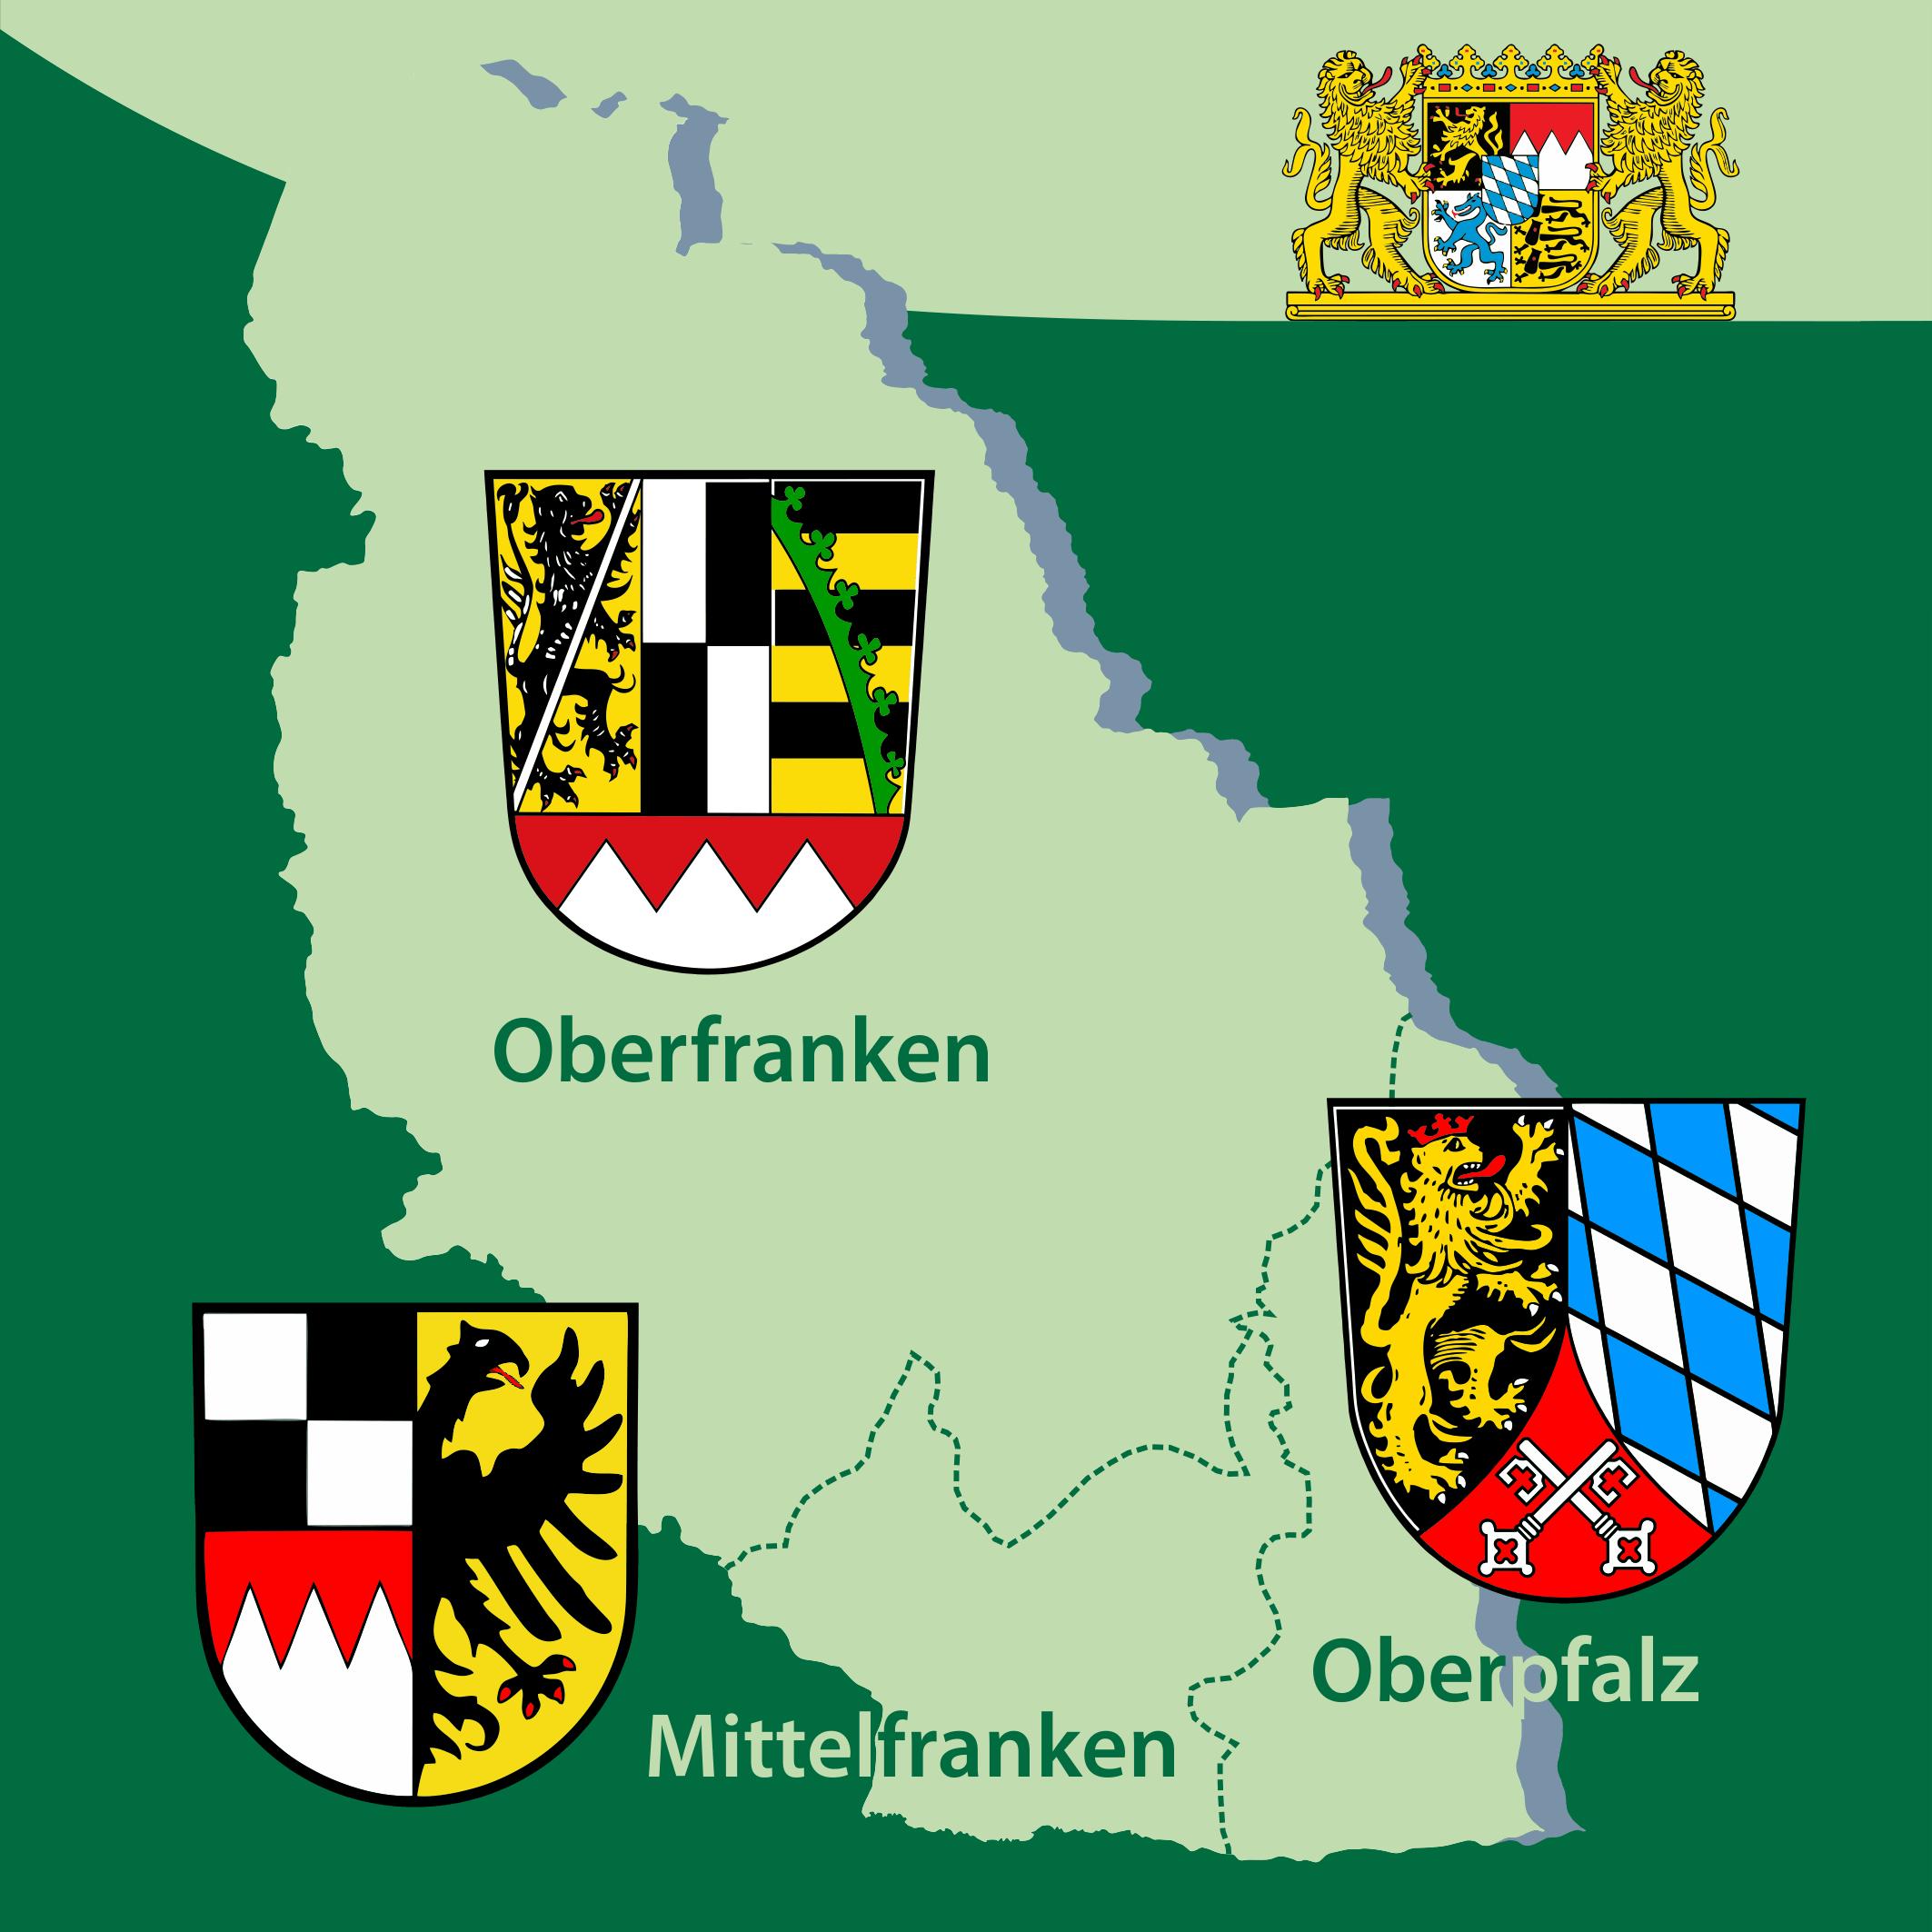 Karte der Regierungsbezirke im Naturpark